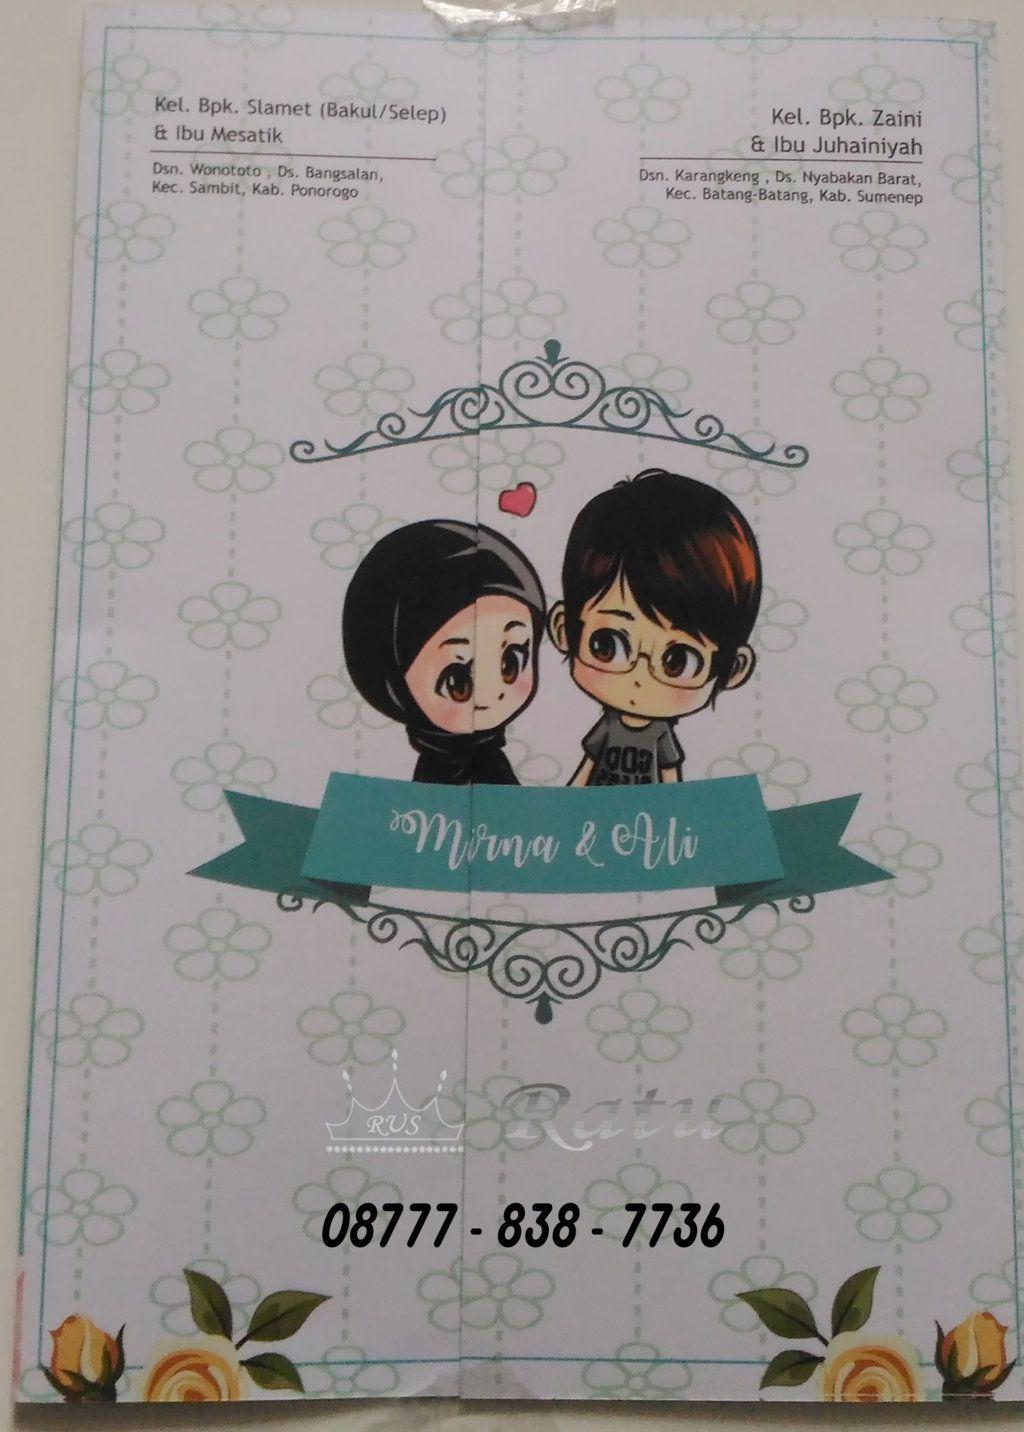 Gambar Kartun Muslimah Nikah Pernikahan, Kartun, Gambar